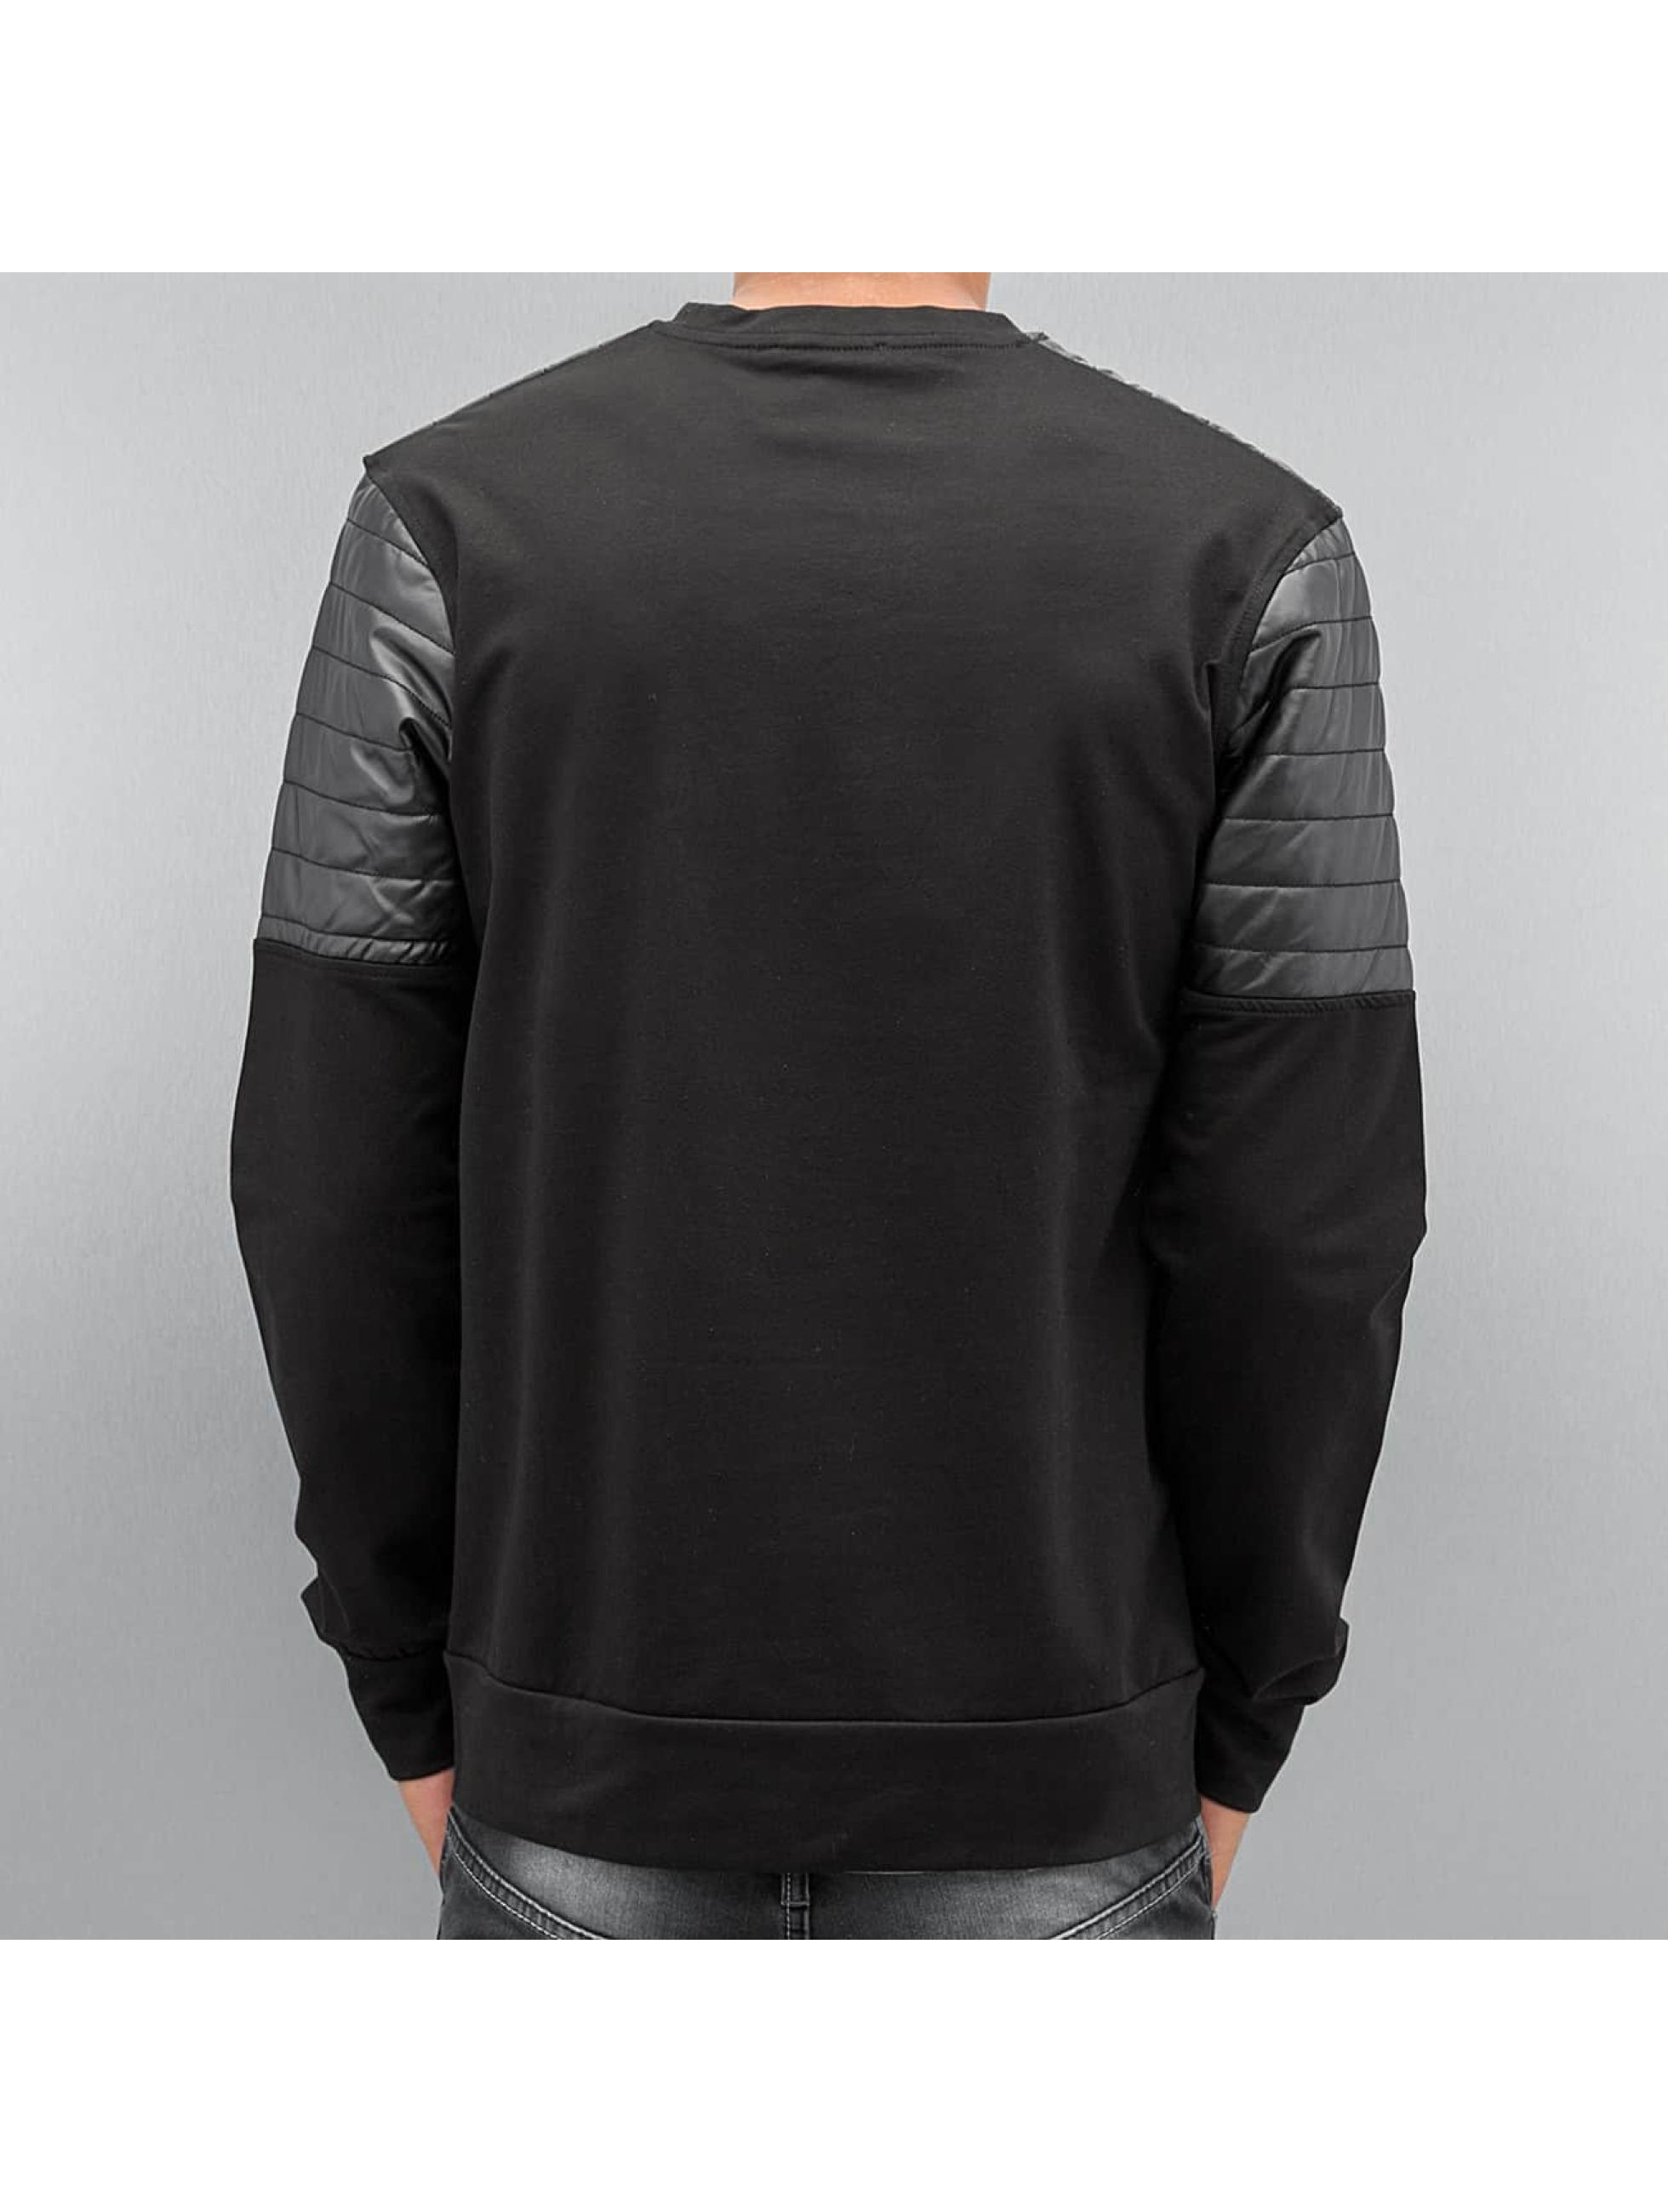 Cipo & Baxx Pullover Sweatshirt black